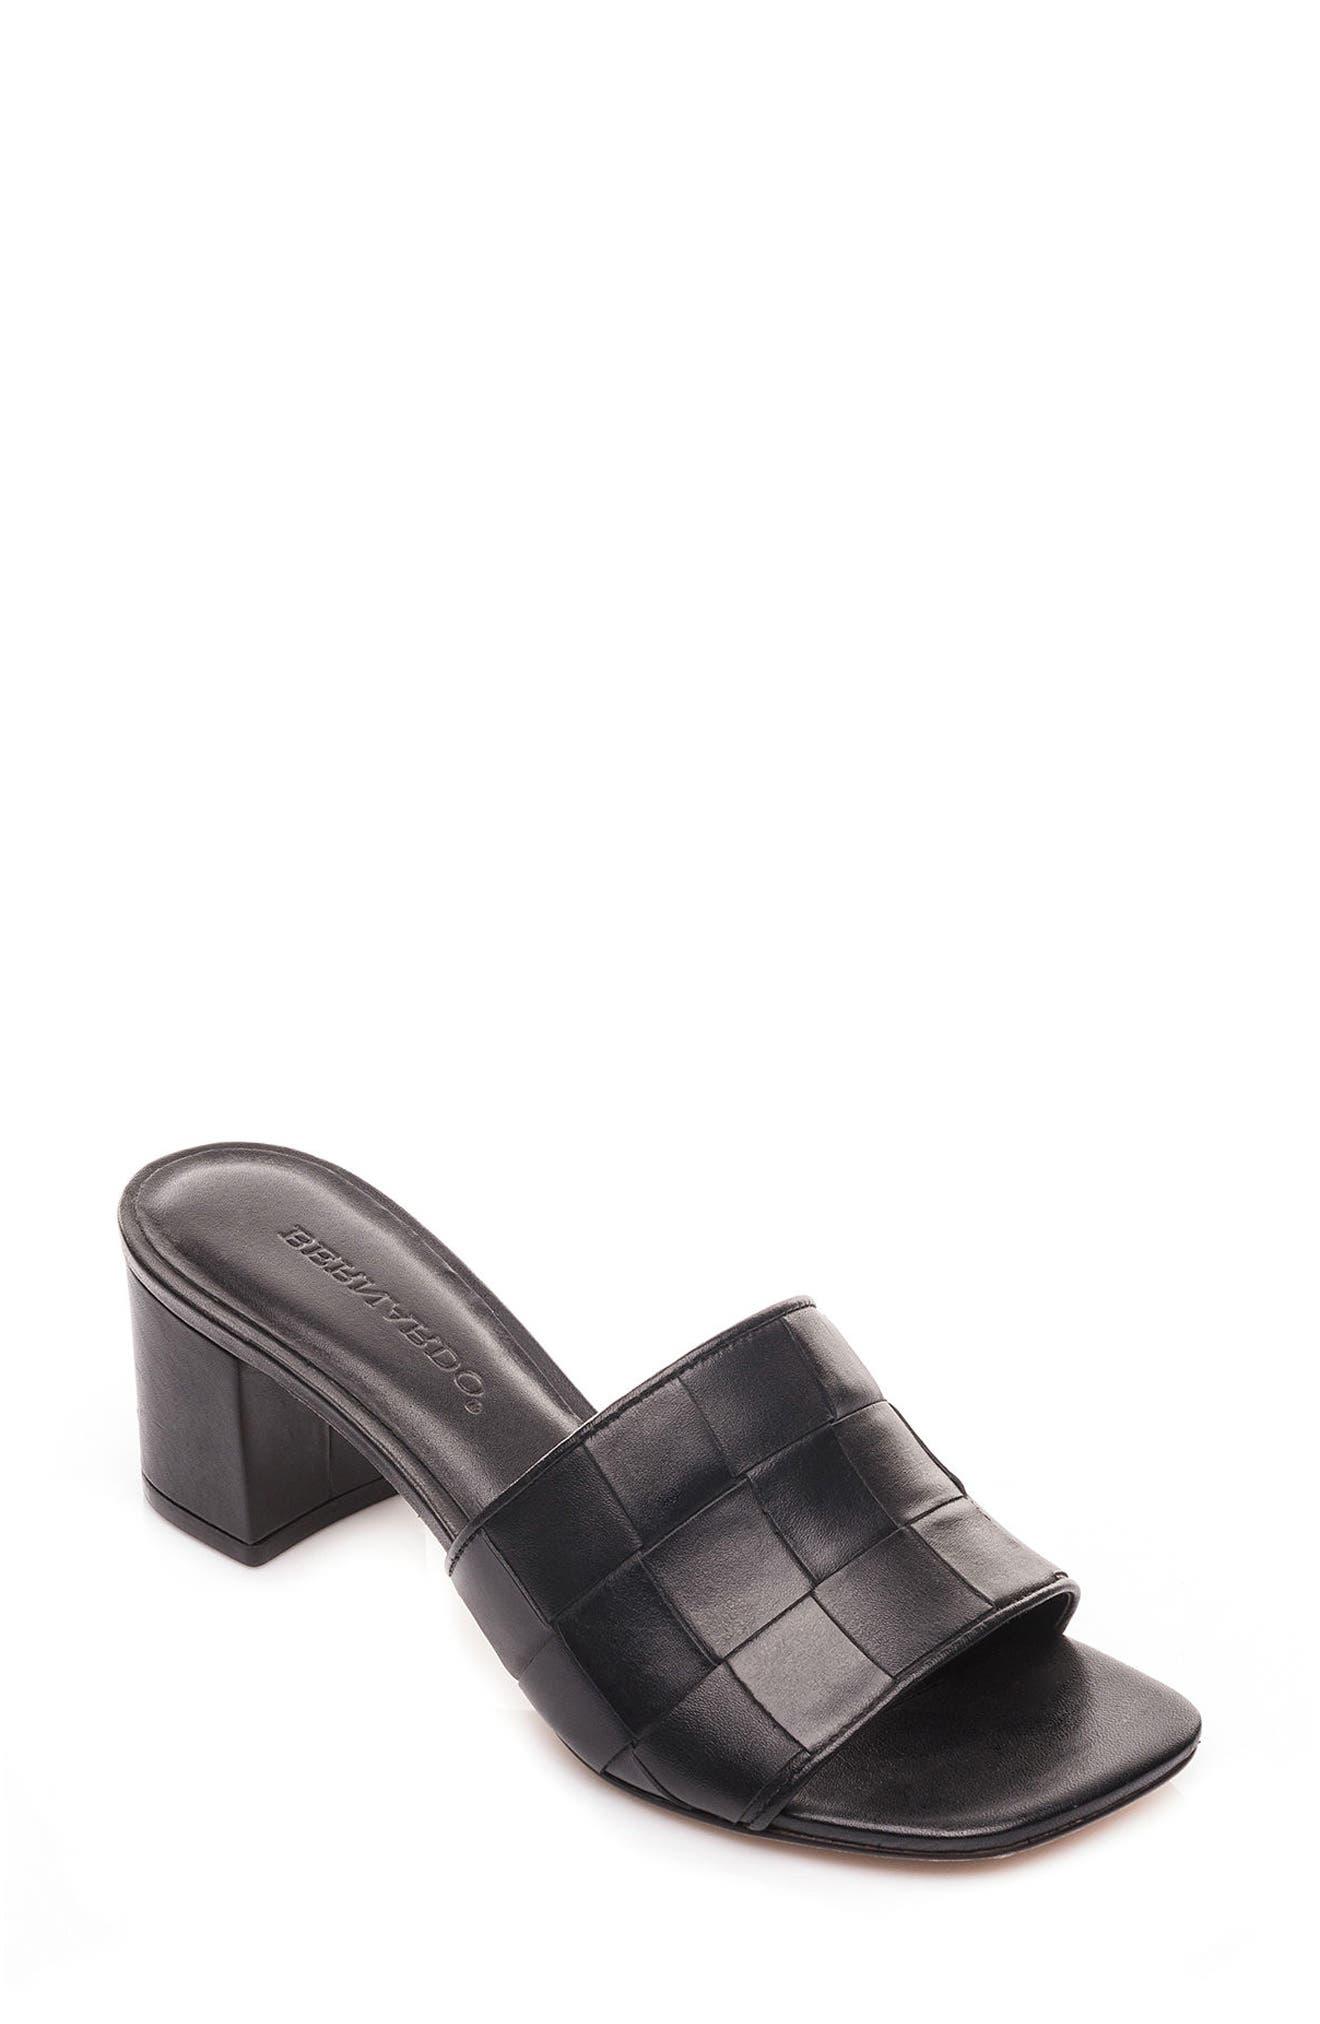 Bernardo Bridget Block Heel Sandal,                             Main thumbnail 1, color,